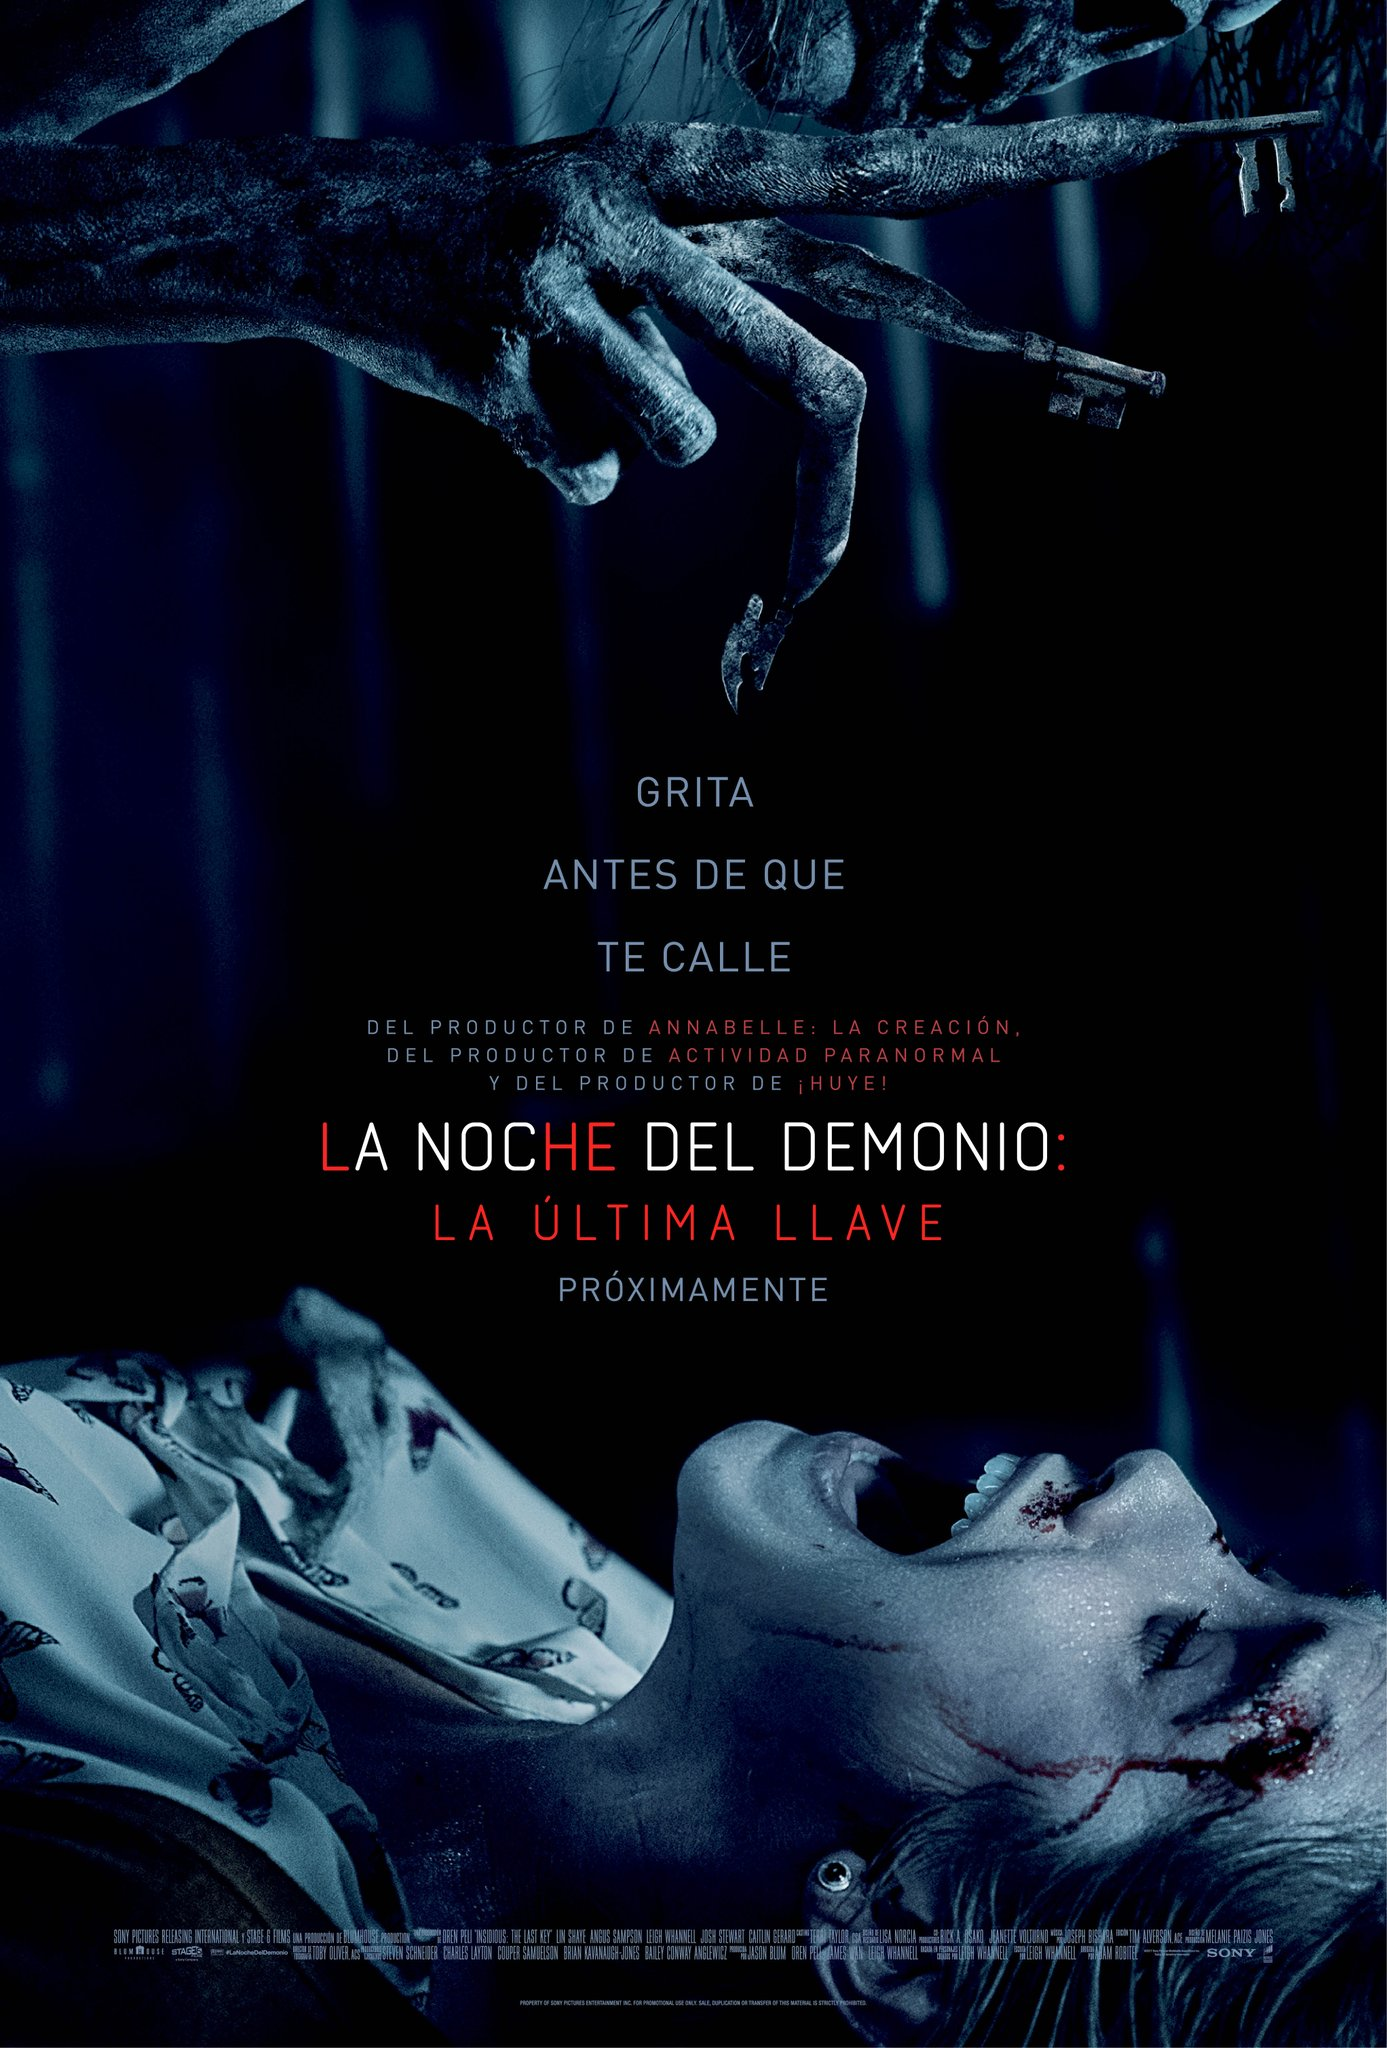 La noche del demonio: La última llave